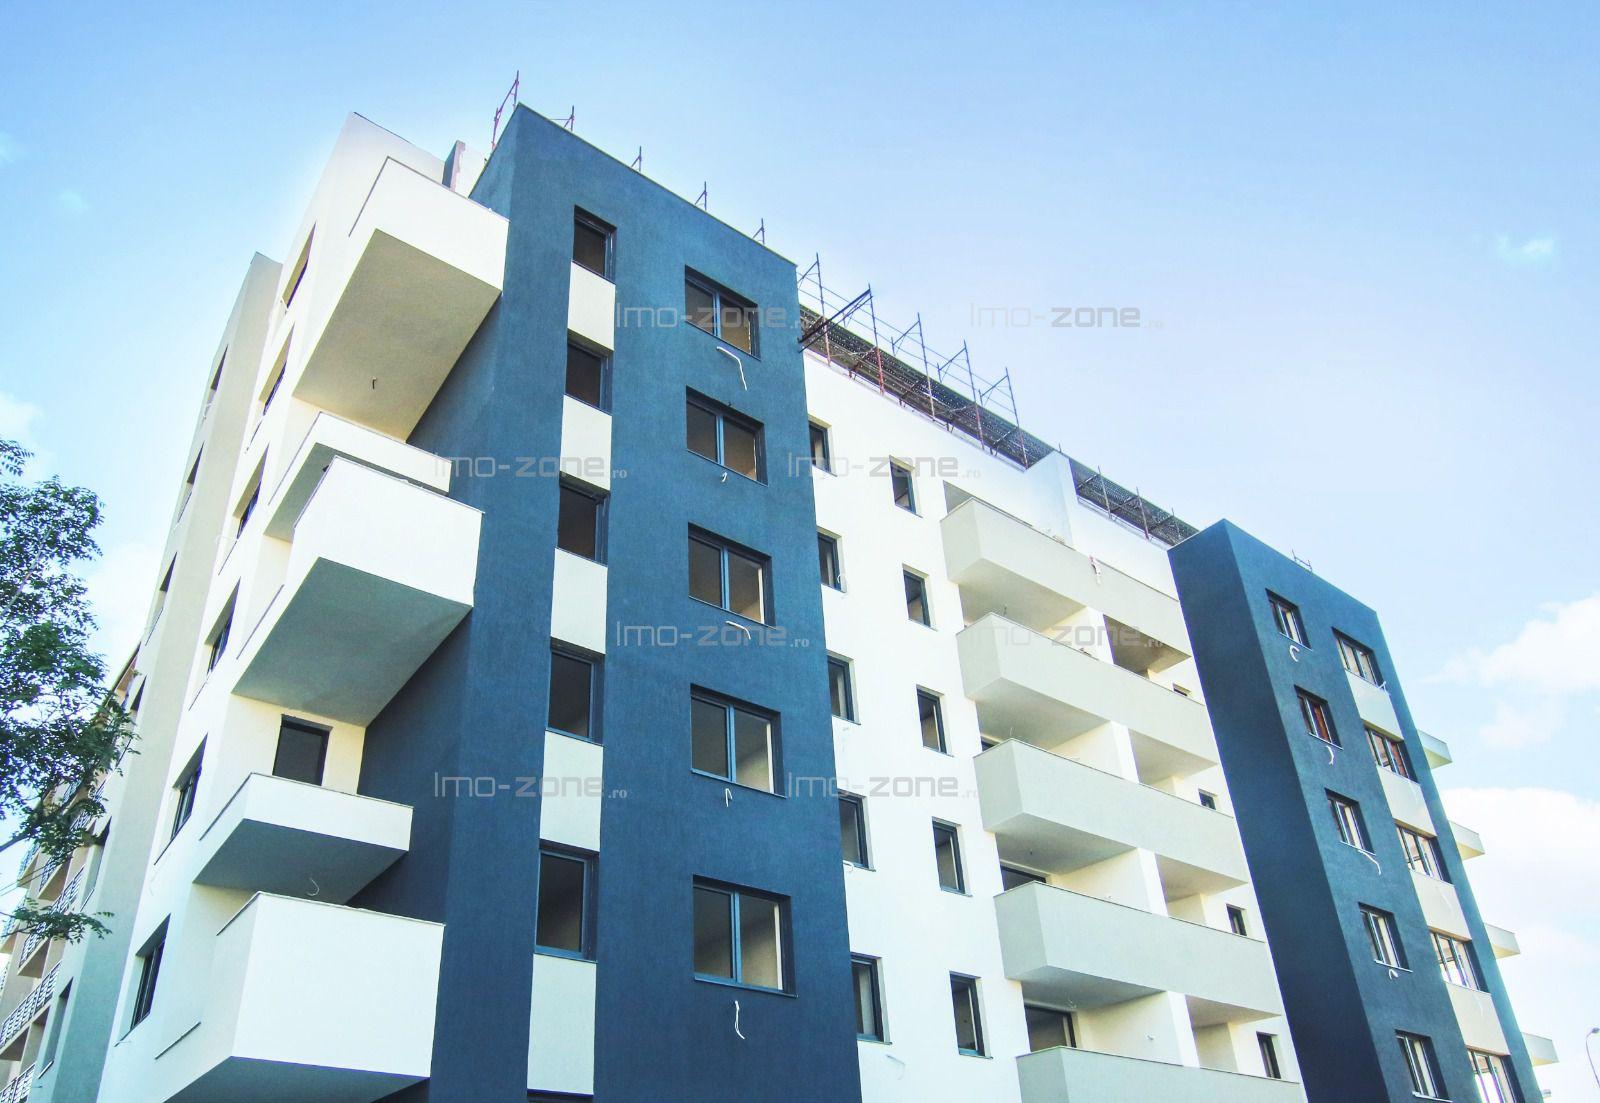 MILITARI - IULIU MANIU, apartament 2 camere cu terasa, decomandat, bloc nou